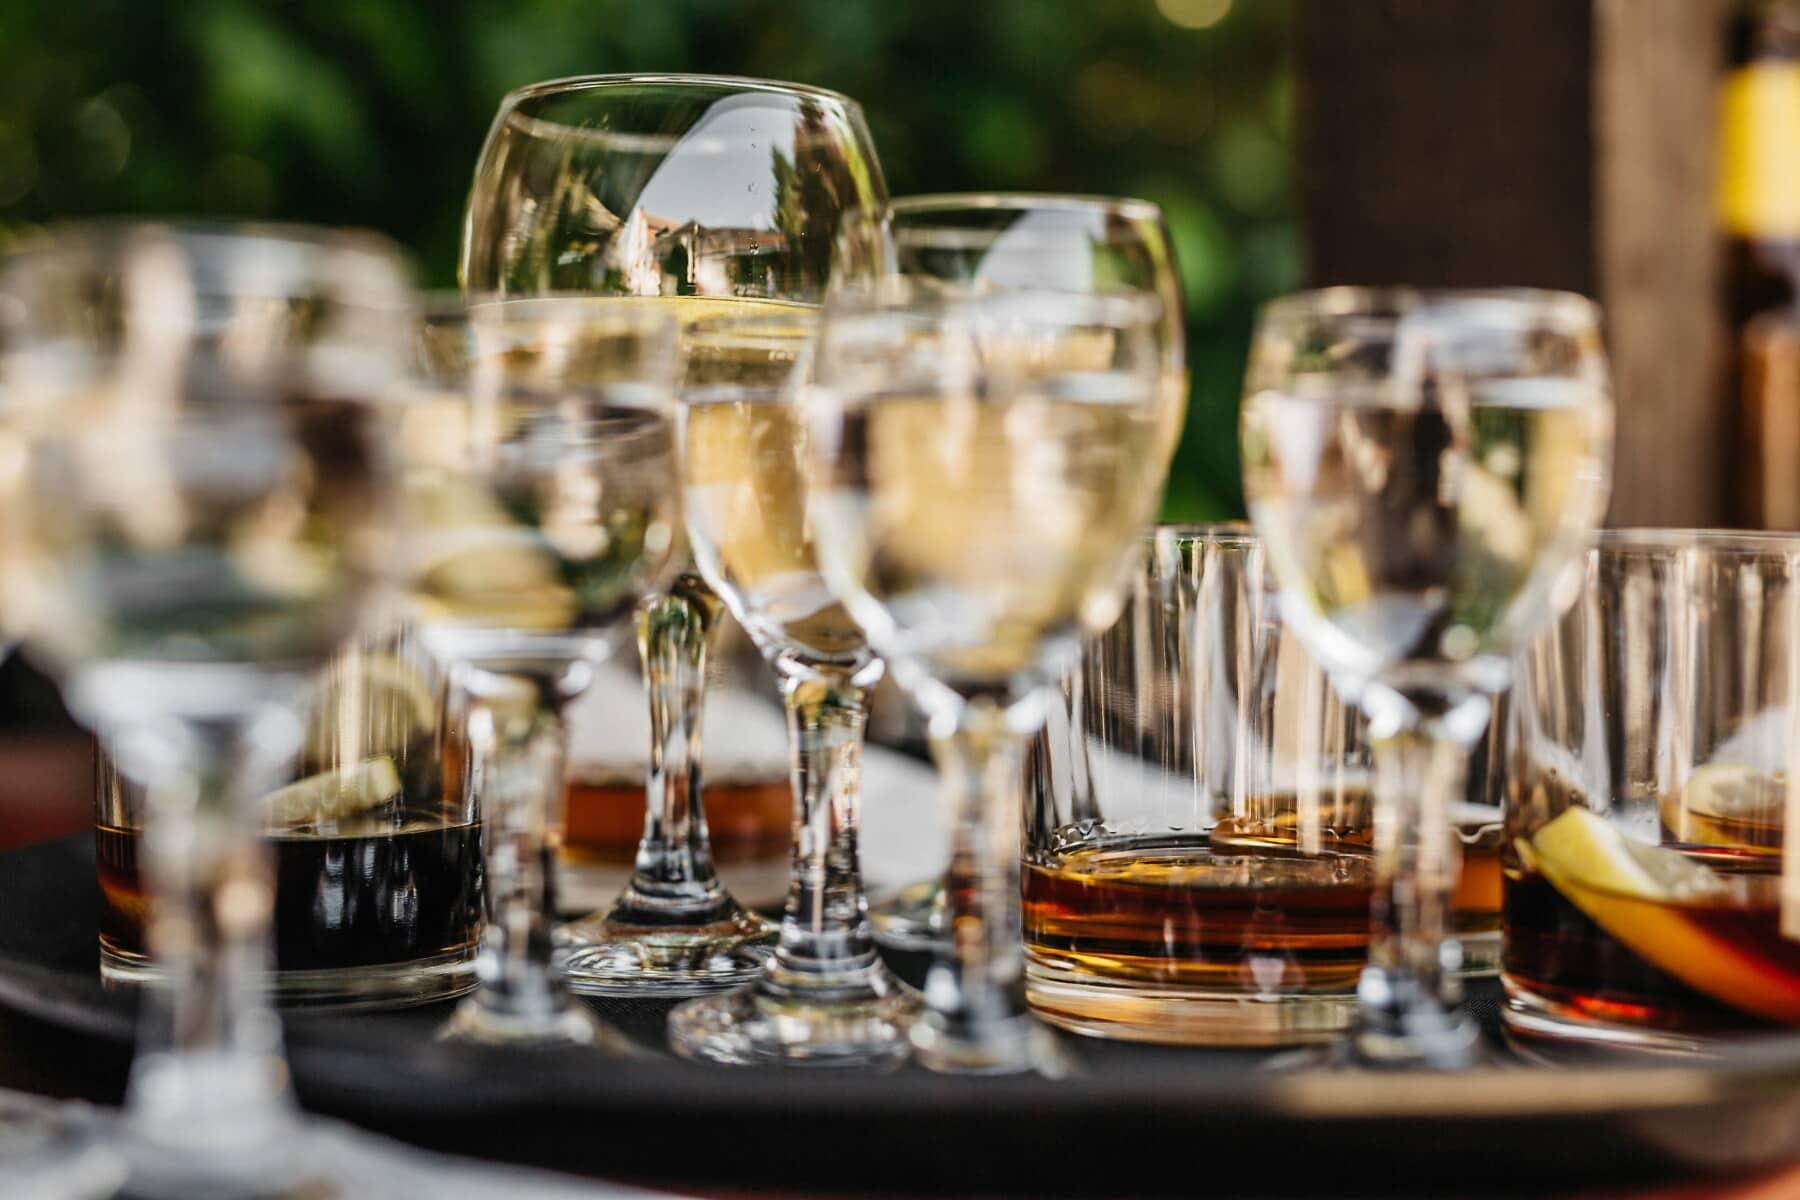 와인, 파티, 화이트 와인, 칵테일, 유리, 알코올, 음료, 마실 것, 축 하, 샴페인